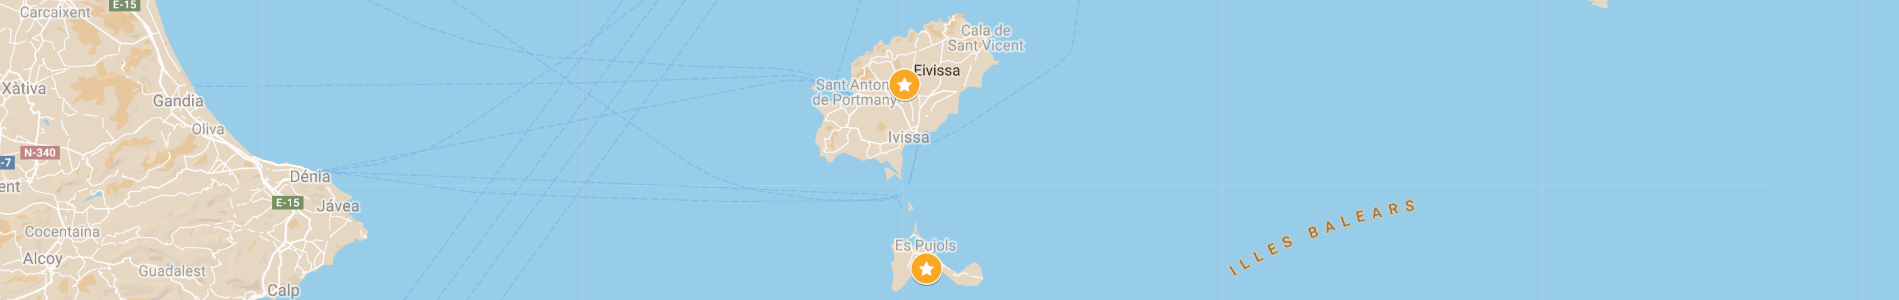 Itinerario vacanza in barca a vela a Ibiza e Formentera - Baleari